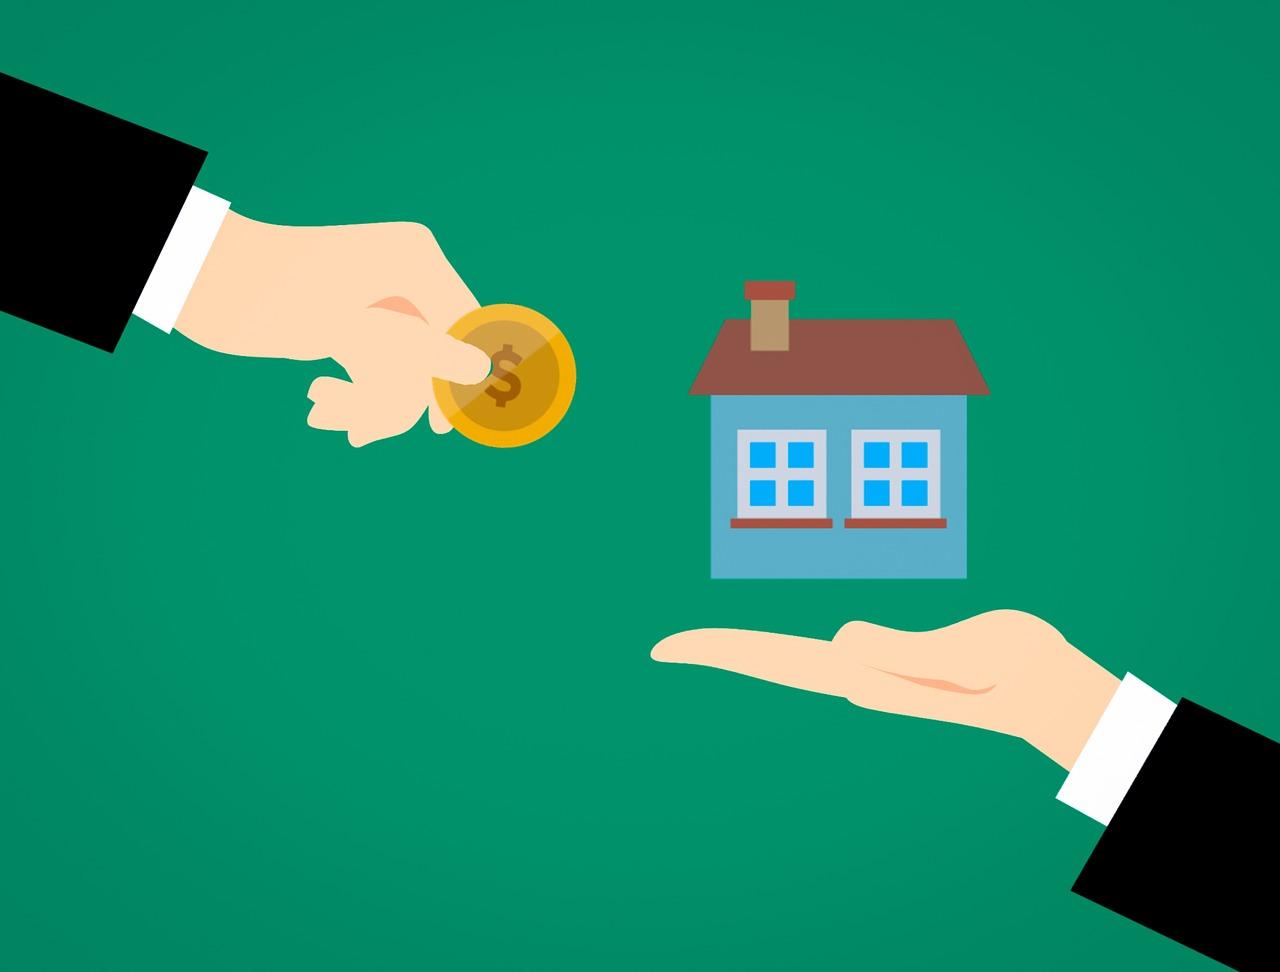 Investir dans le neuf ou dans l'ancien? Quel est le plus rentable pour un investissement immobilier?